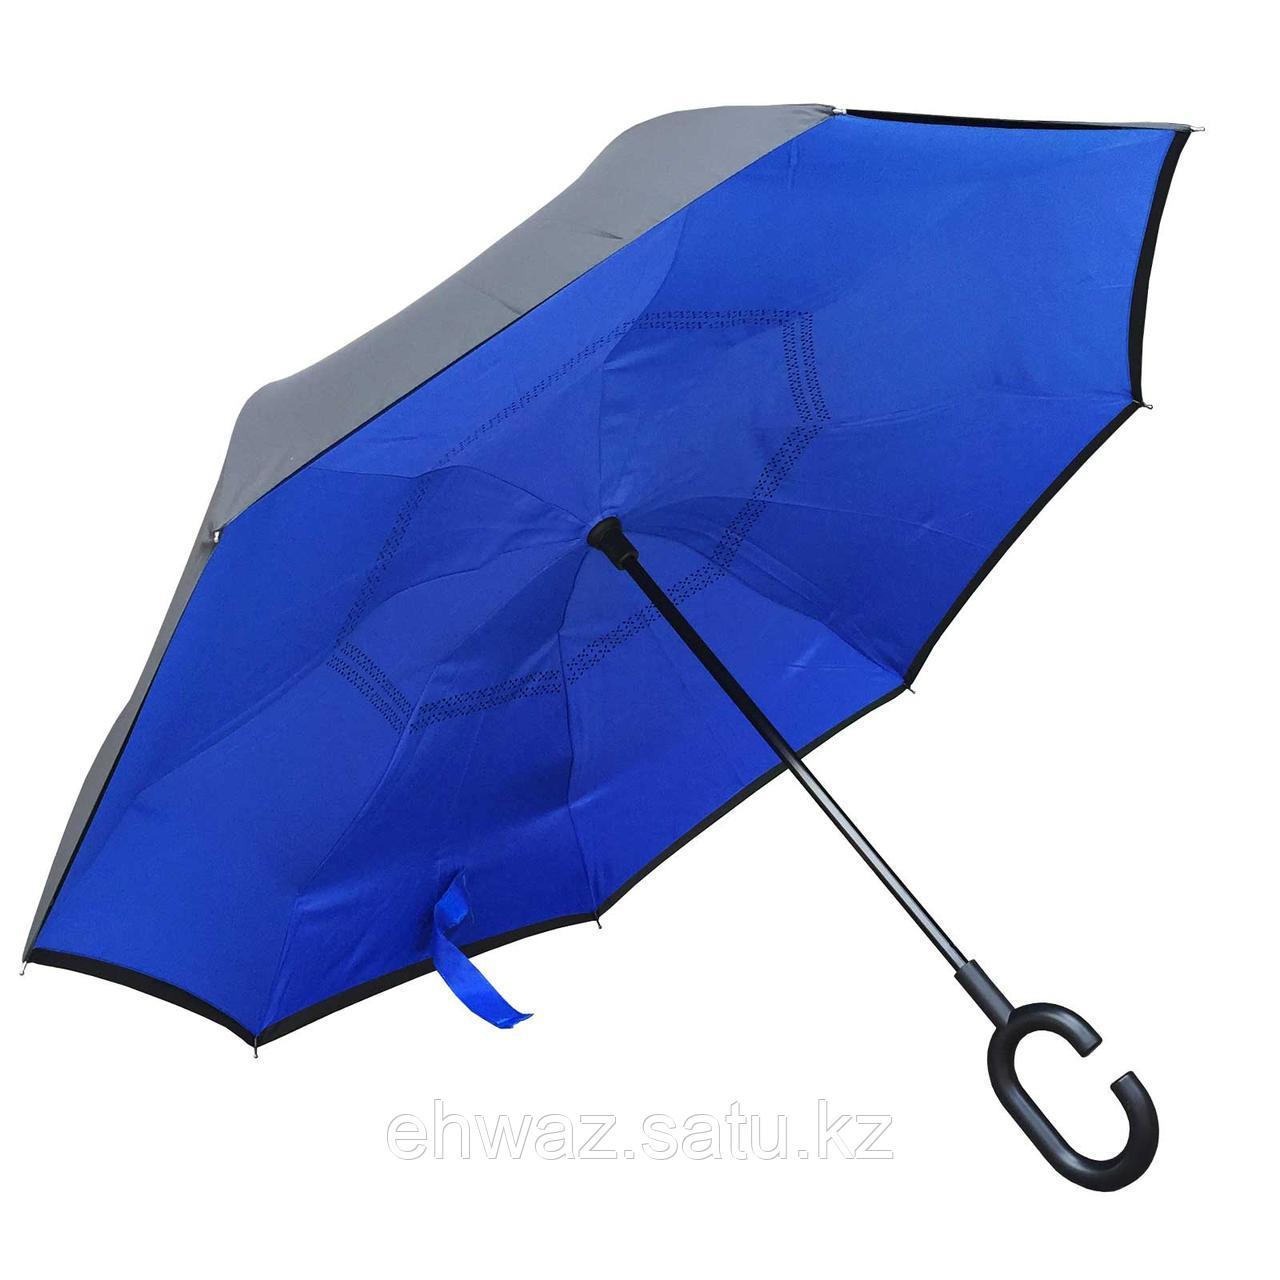 Умный зонт Наоборот, цвет синий + черный